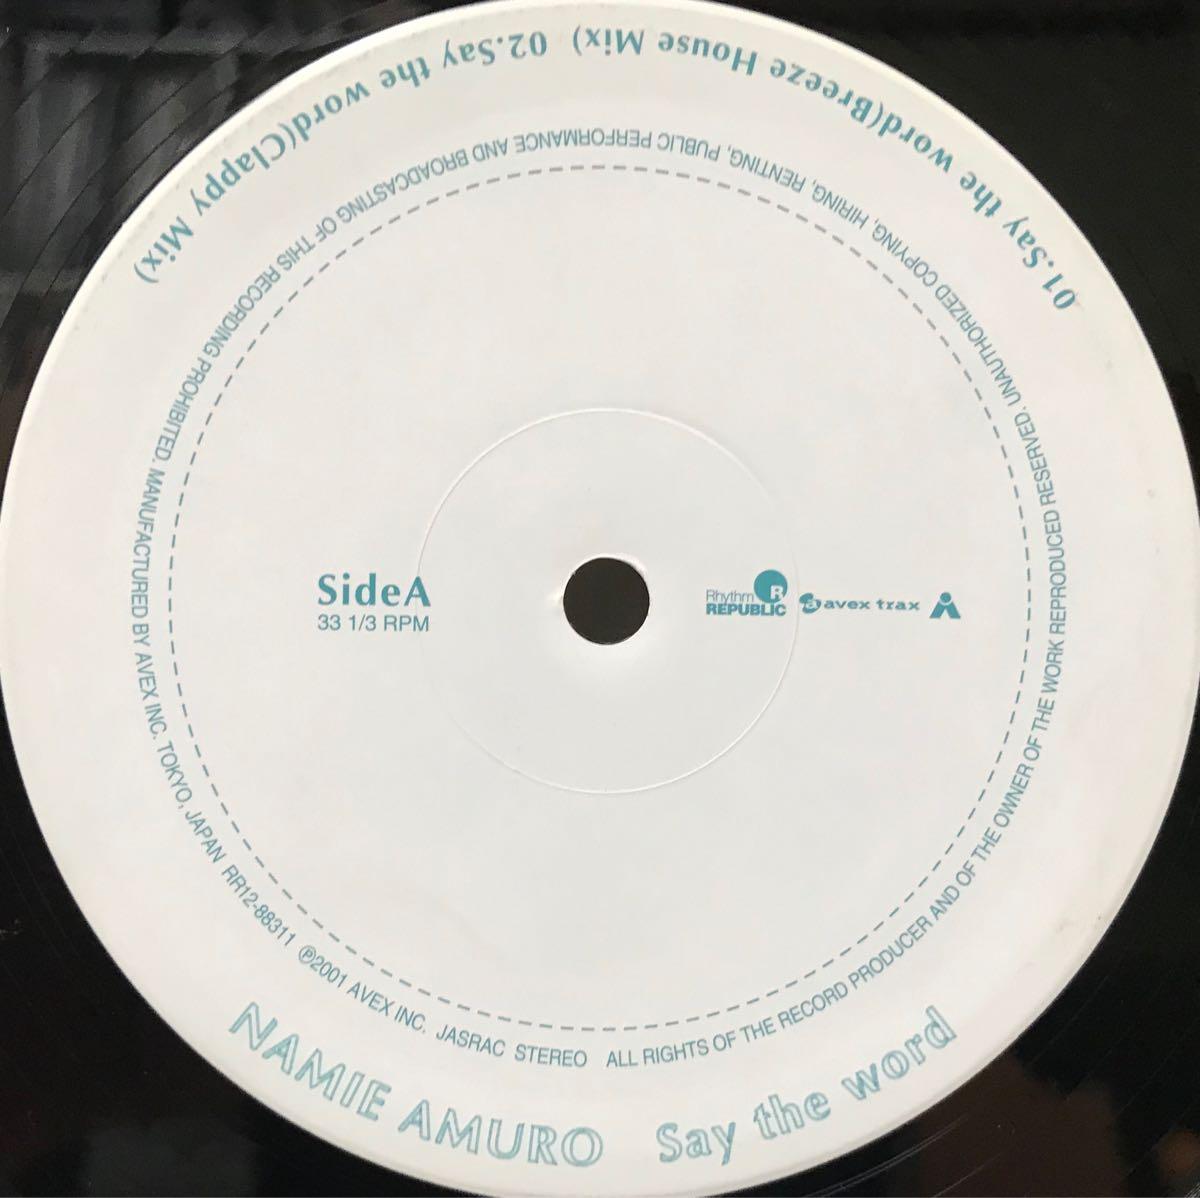 これからどんどんプレミアが上がっていきます。安室奈美恵 エイベックス盤 SAY THE WORD12inchレコード その他にもレア盤多数出品中_画像3